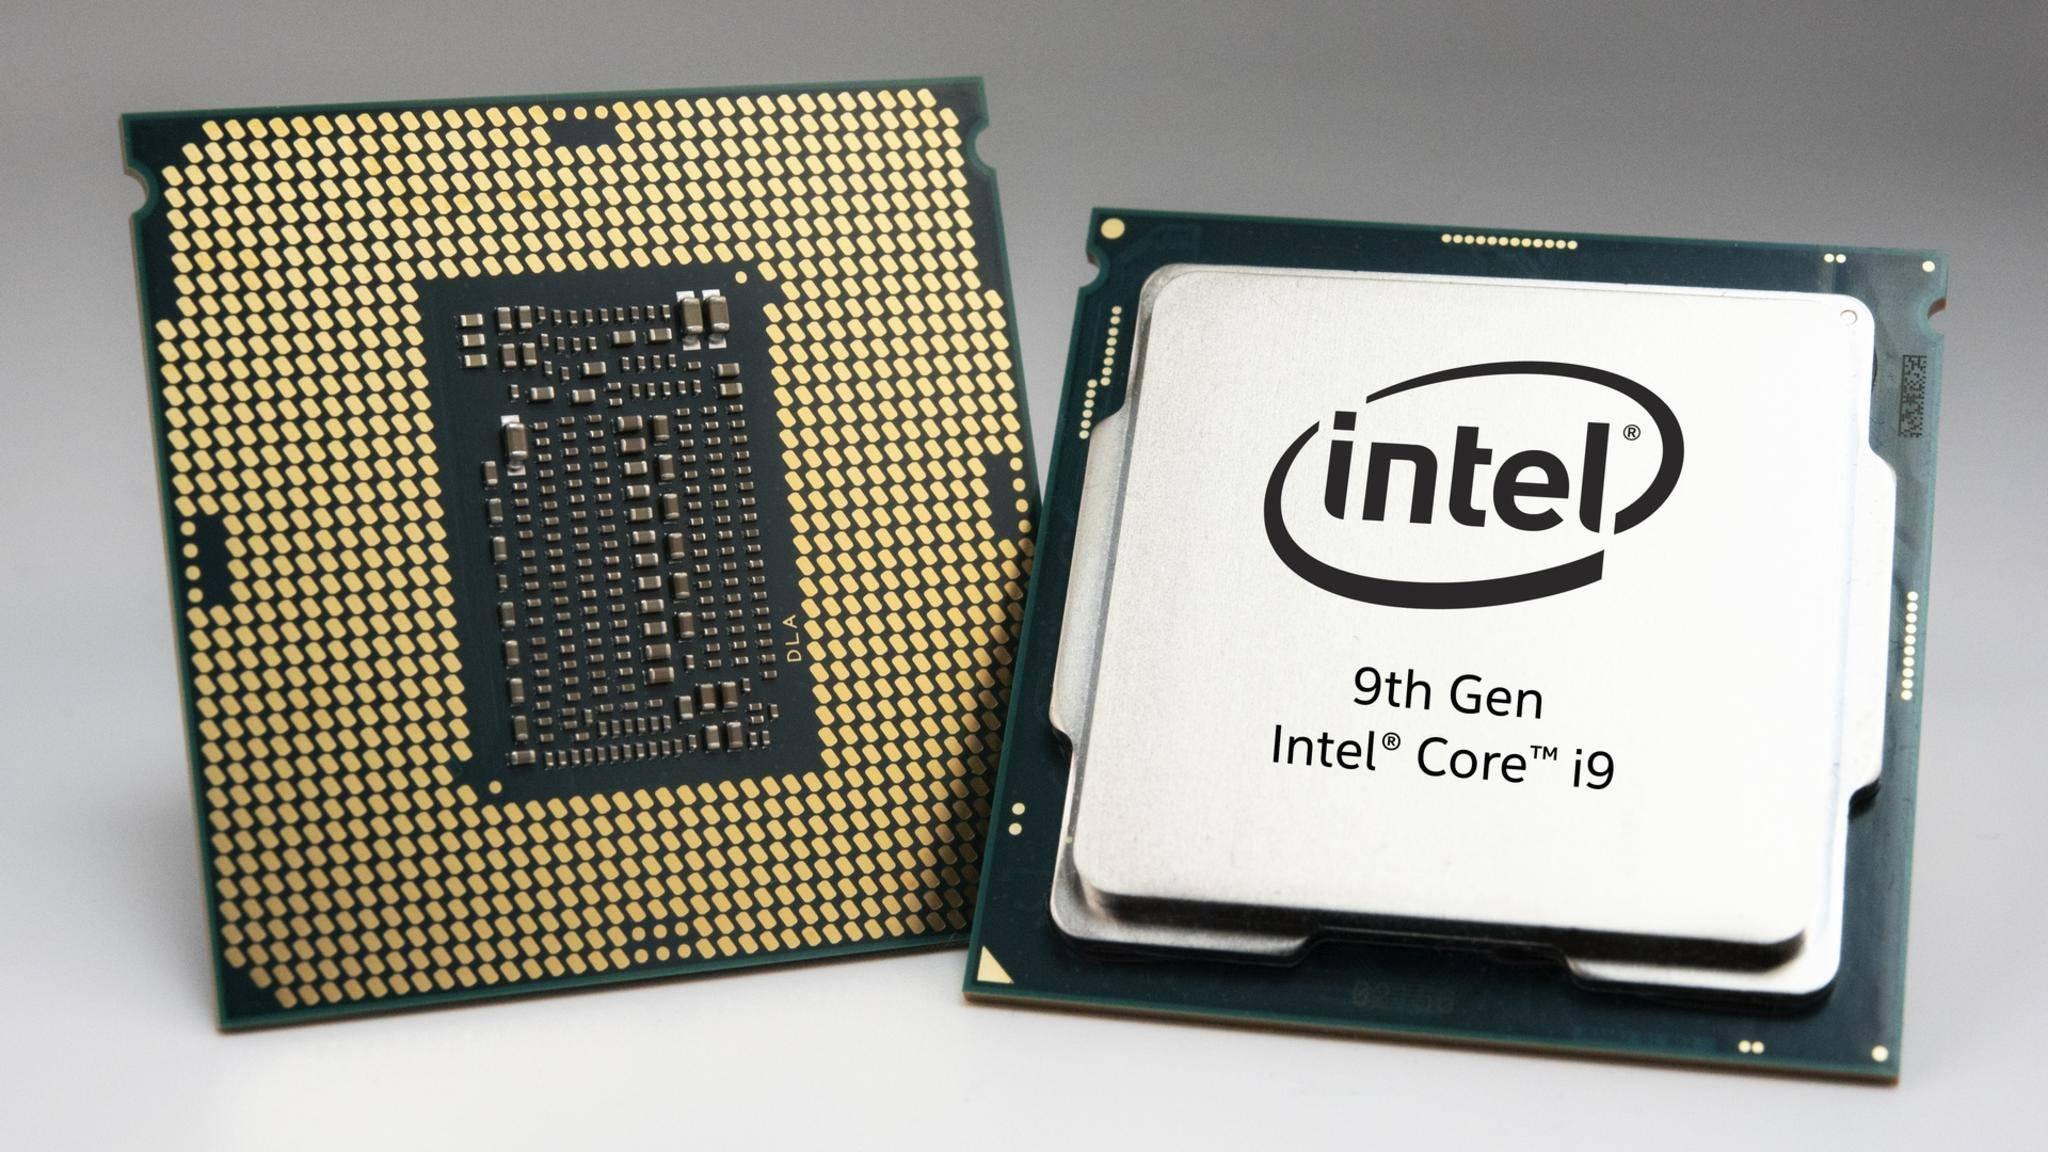 Die 10. Generation der Core-i9-Prozessoren verfügt über den neuen Velocity-Boost-Modus. (Im Bild: Intel-Core-i9-CPU der 9. Generation)